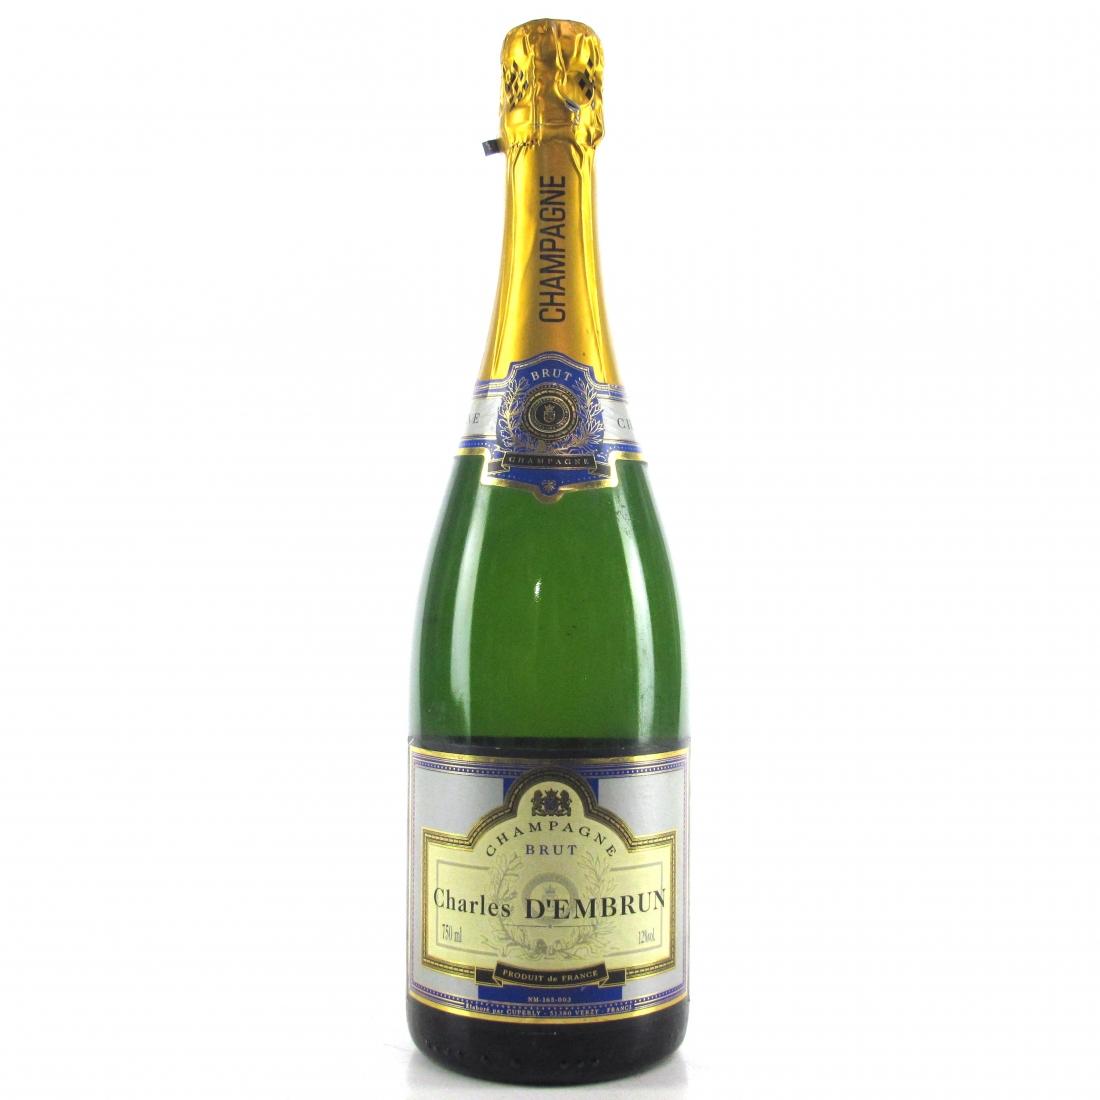 Charles D'Embrun Brut NV Champagne